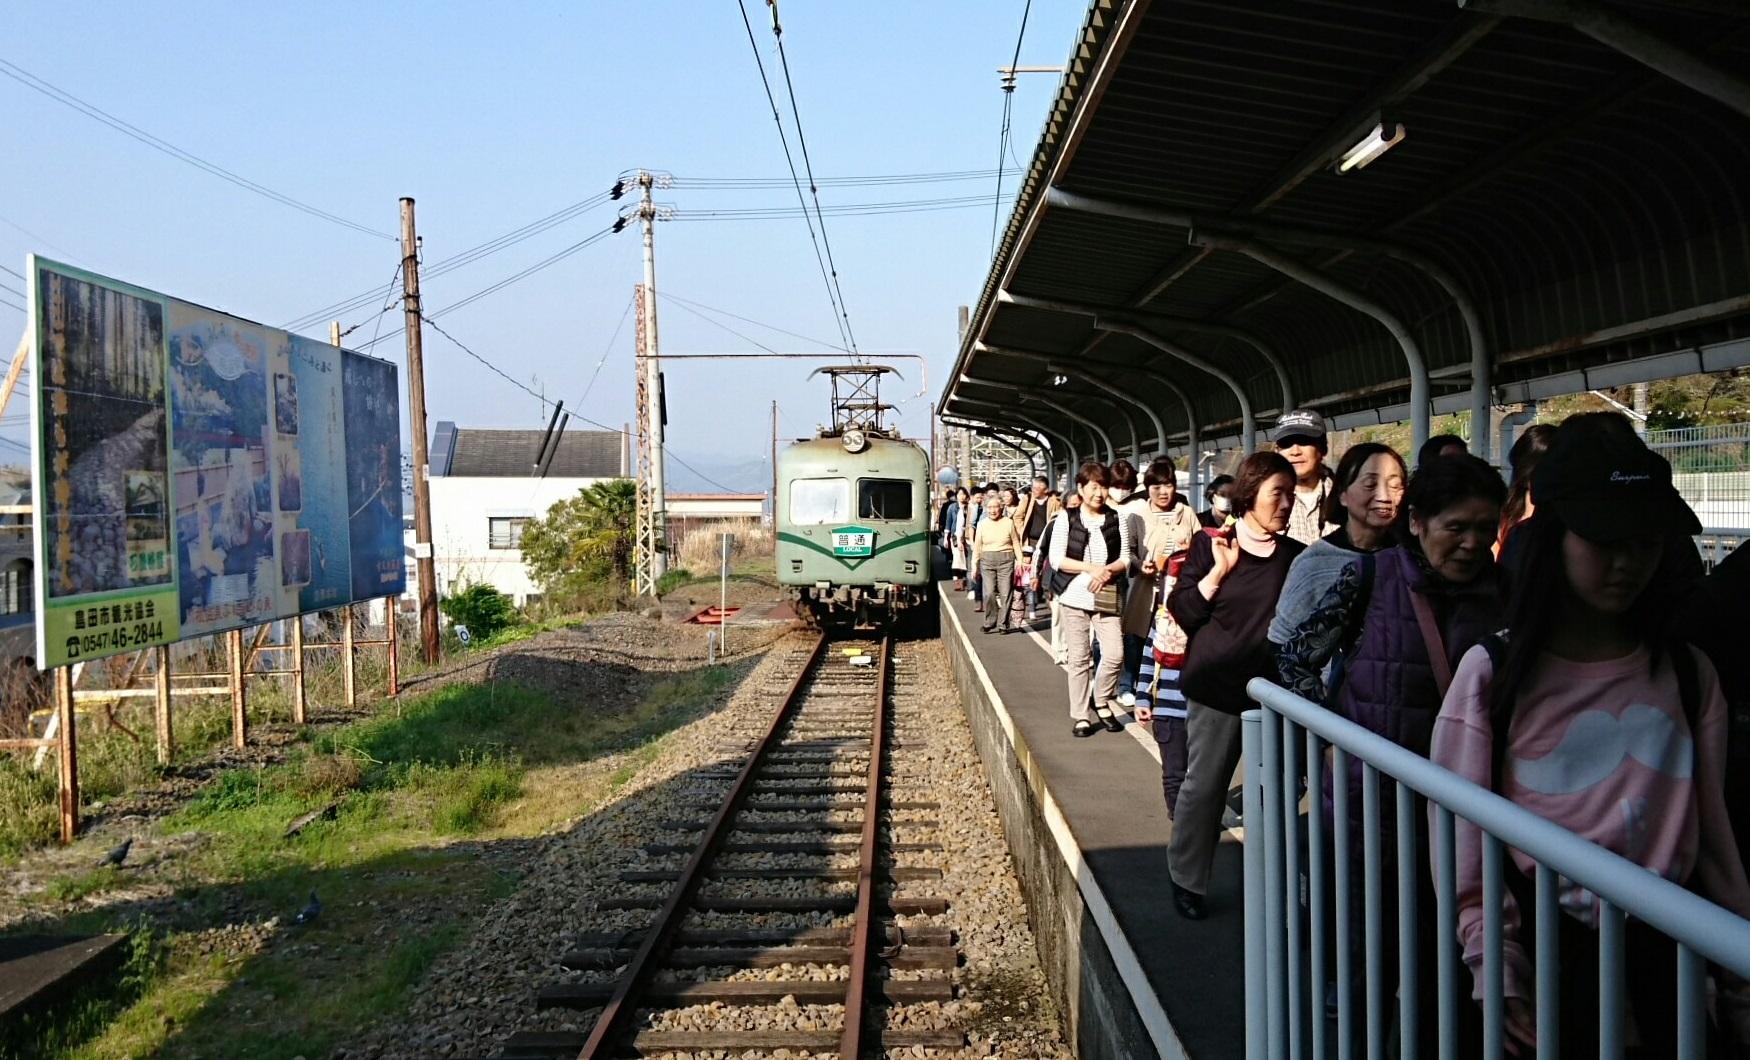 2018.3.28 かえり (48) 金谷いきふつう - 金谷 1750-1060